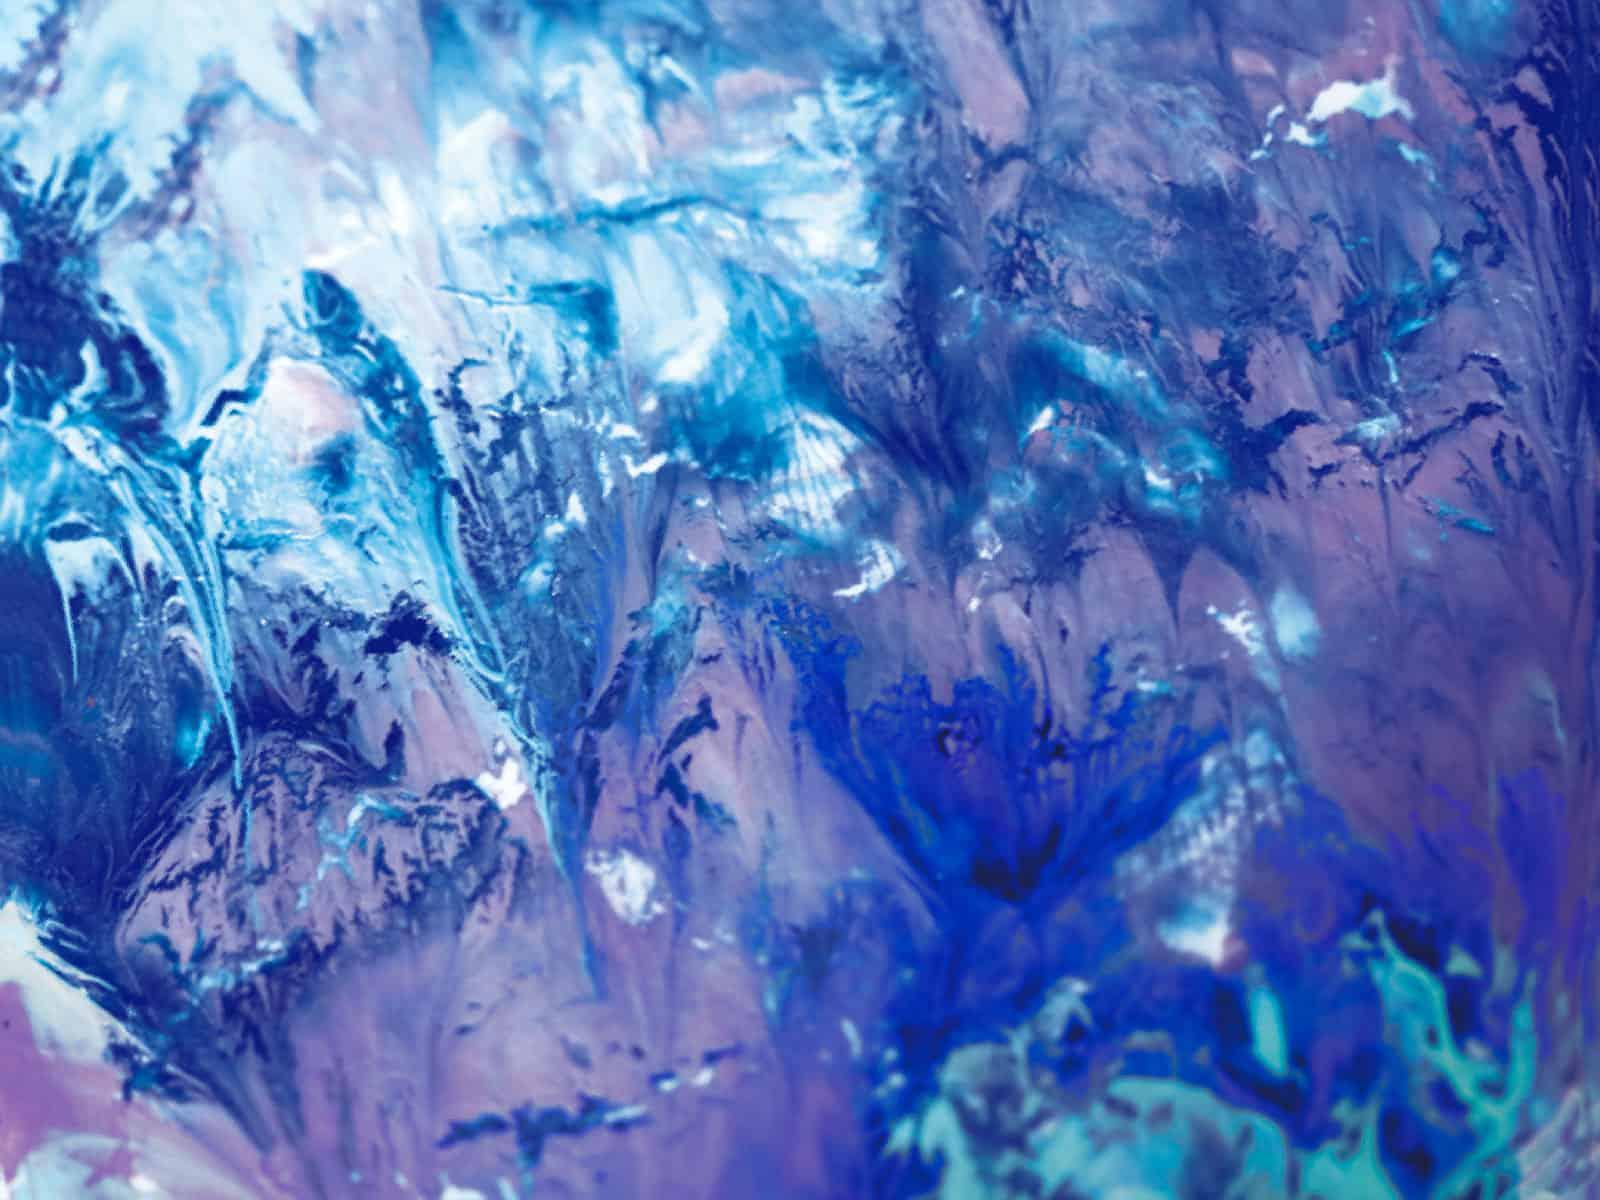 Tela: Blue Abstract – Artista: Luiza Vieira